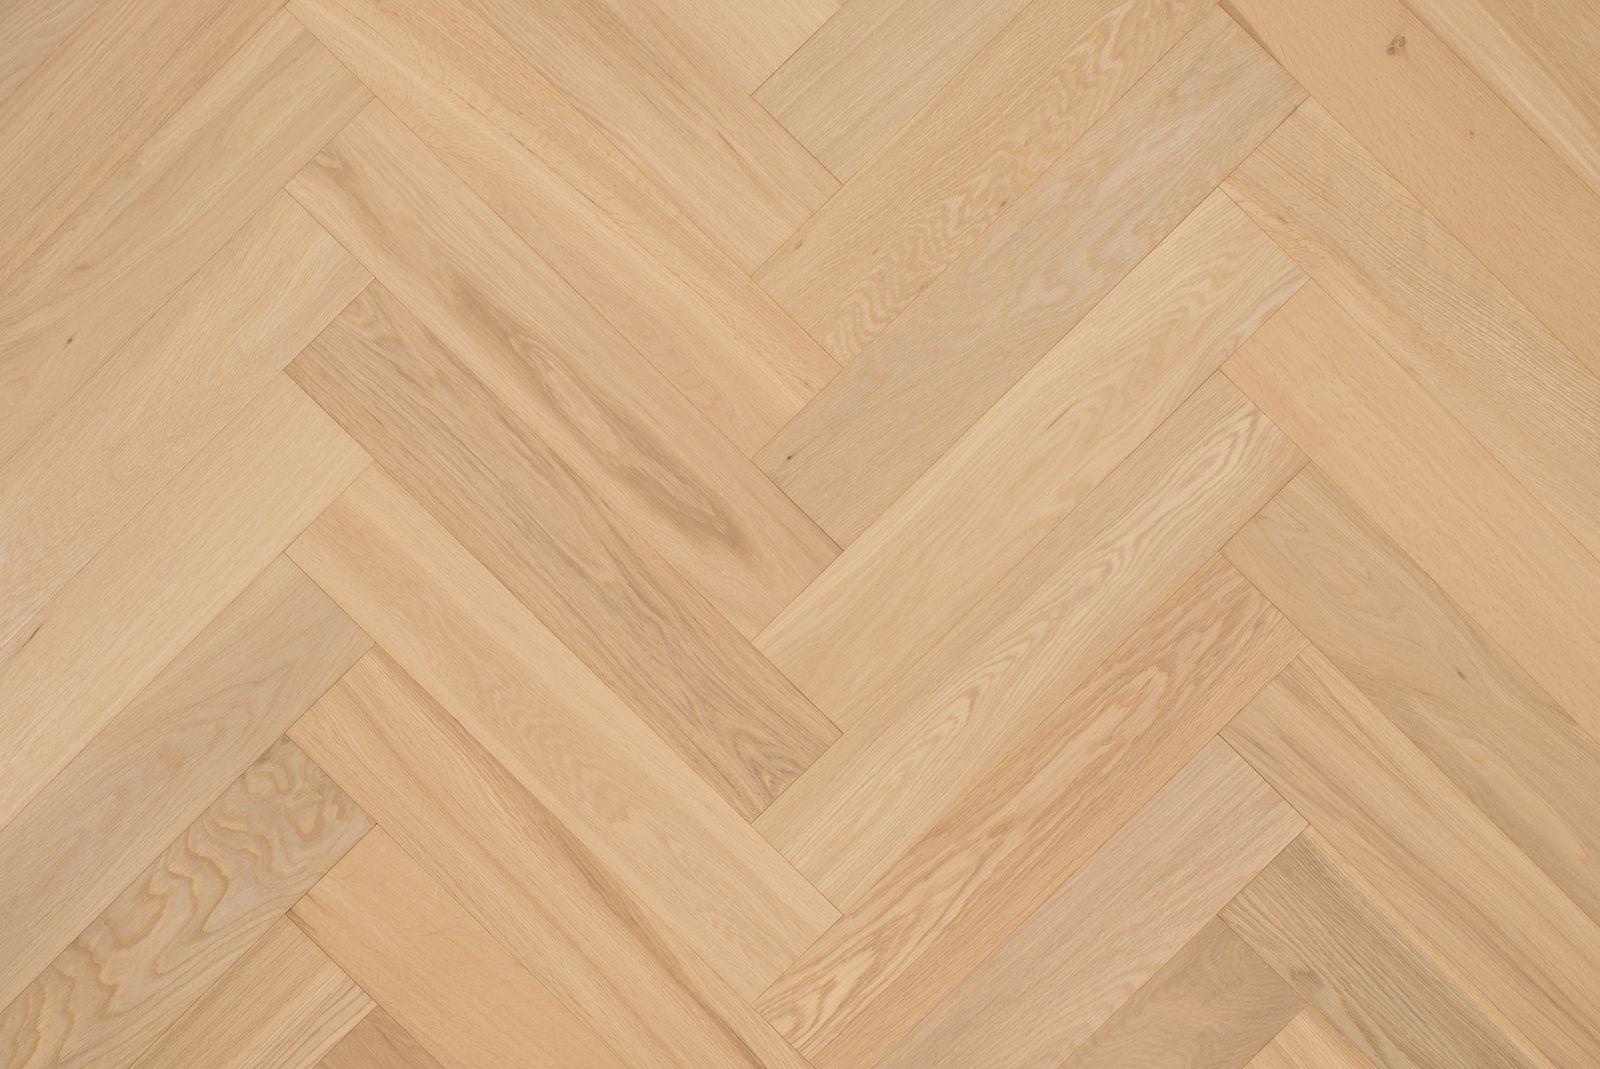 Onbehandelde eiken houten parket vloeren licht eik natuur